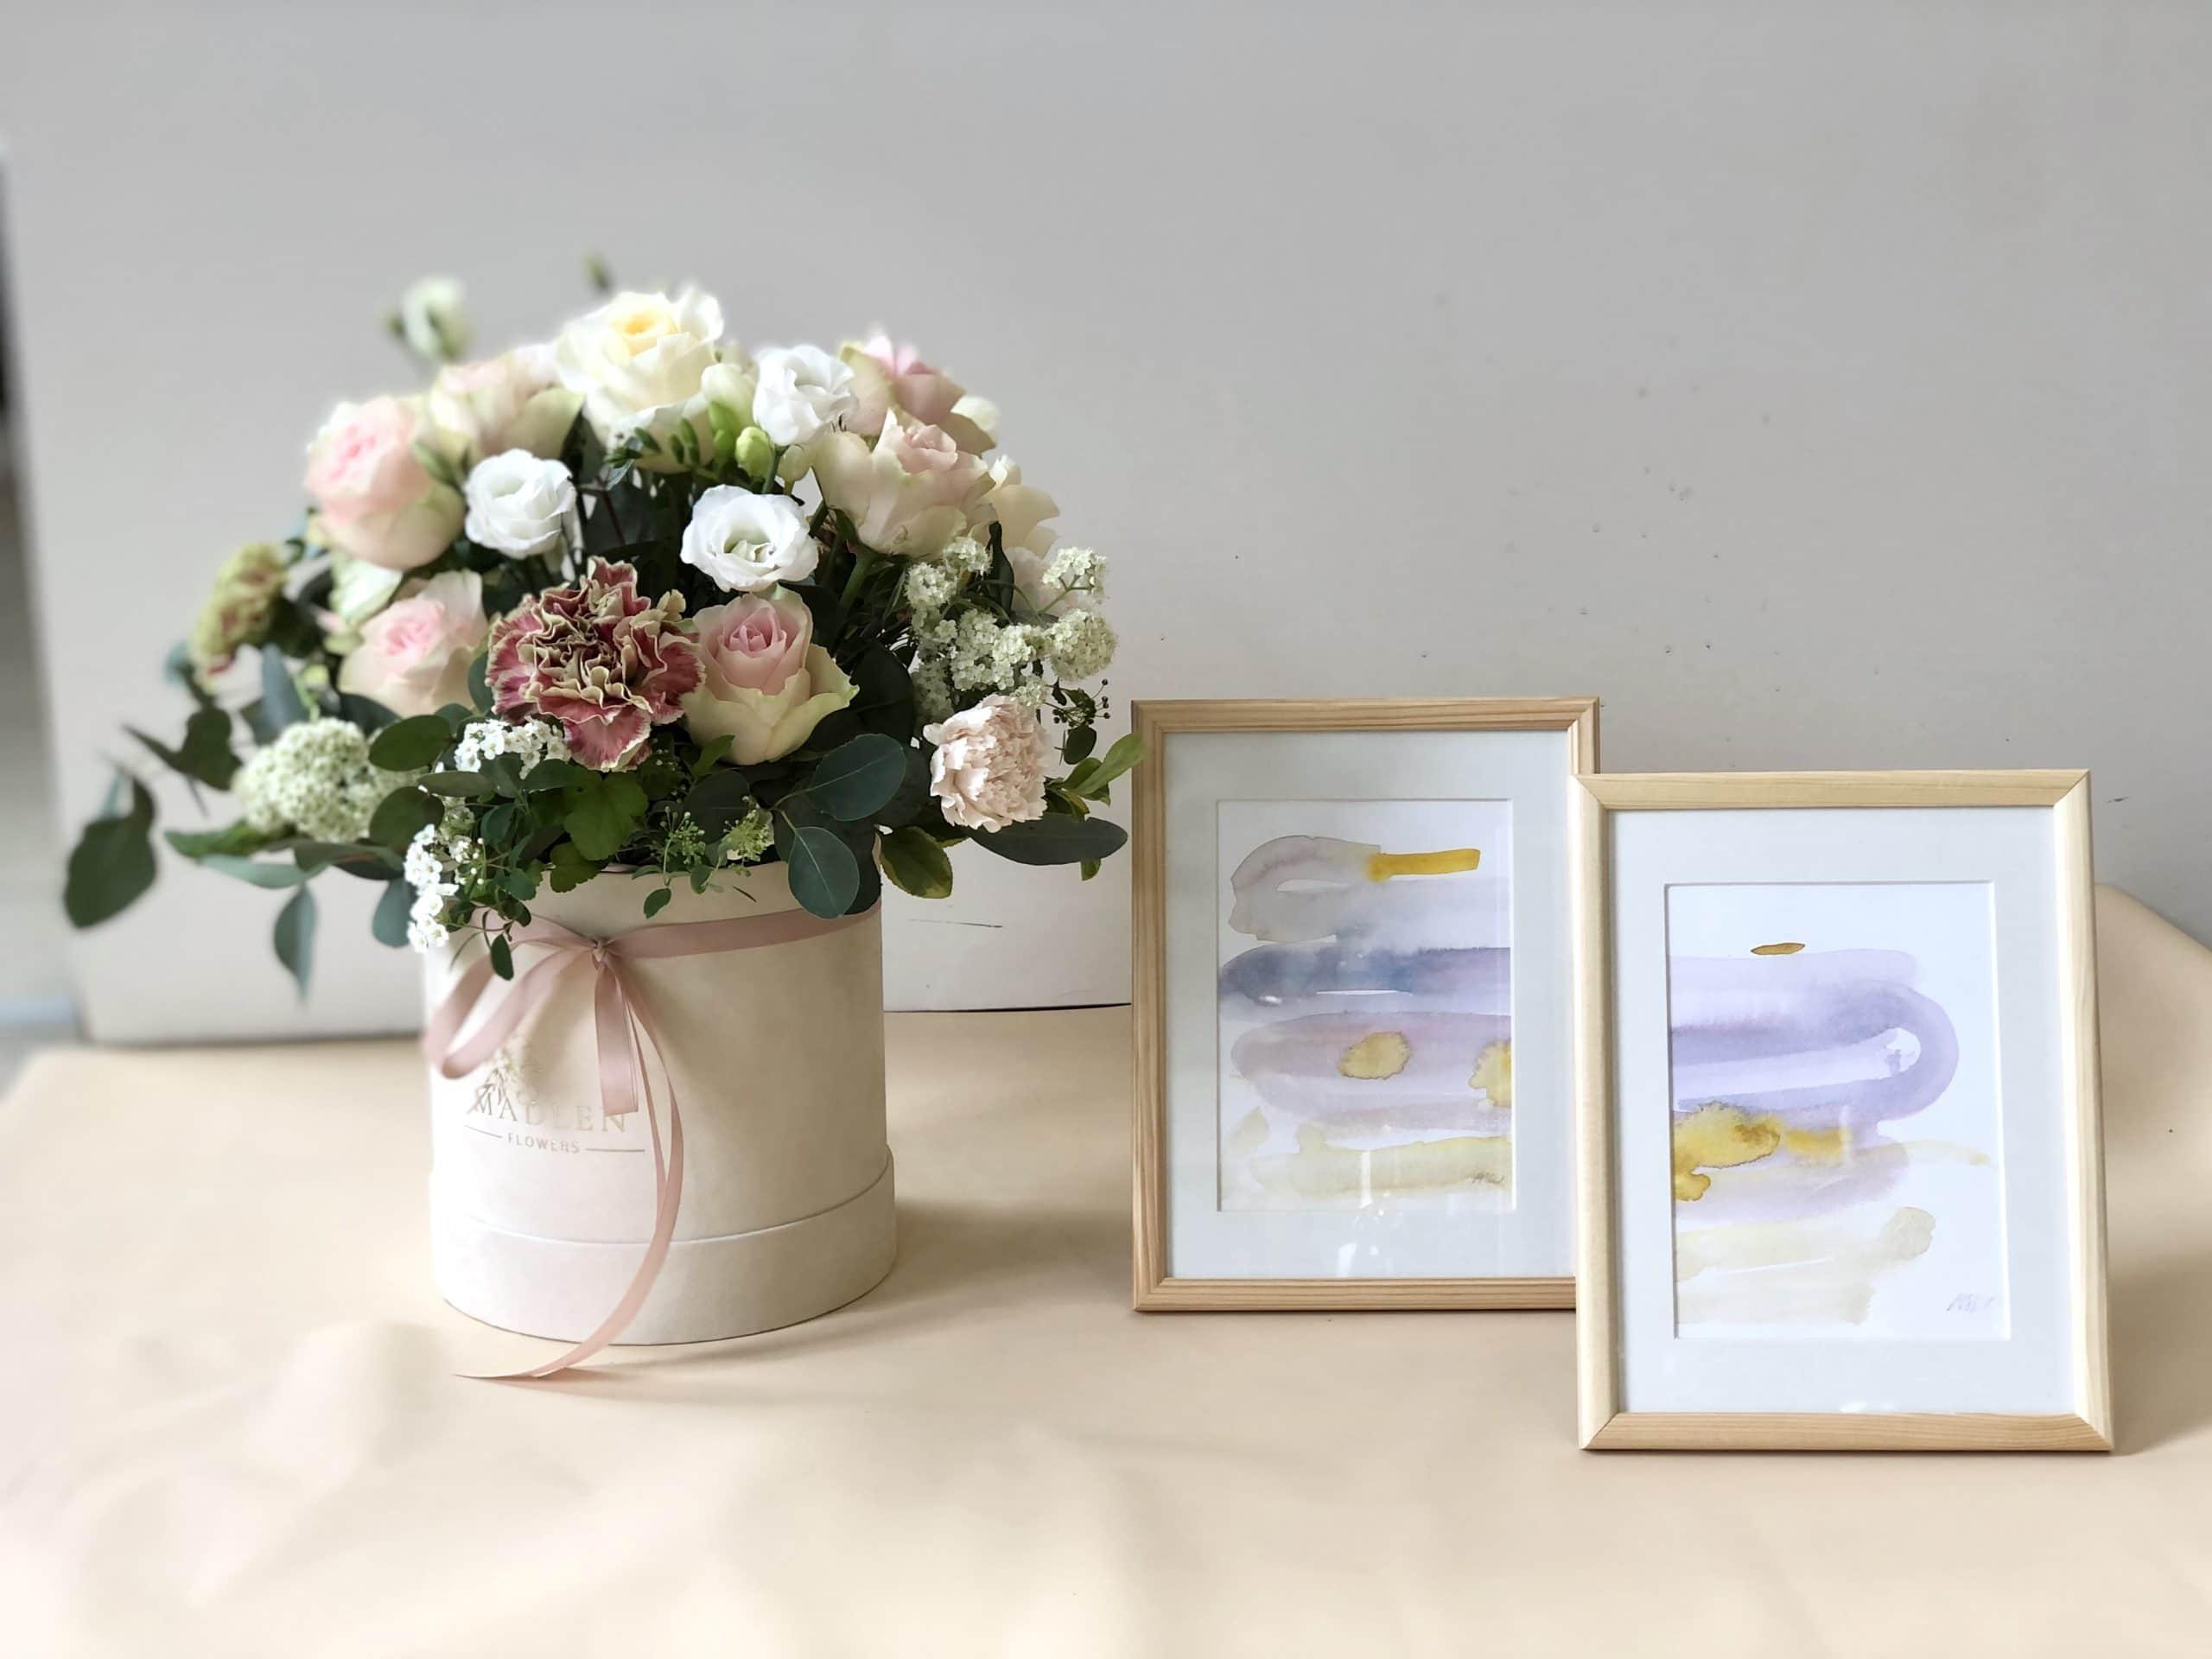 Zestaw dla Mamy – flowerbox pastelowy + obrazki akwarele